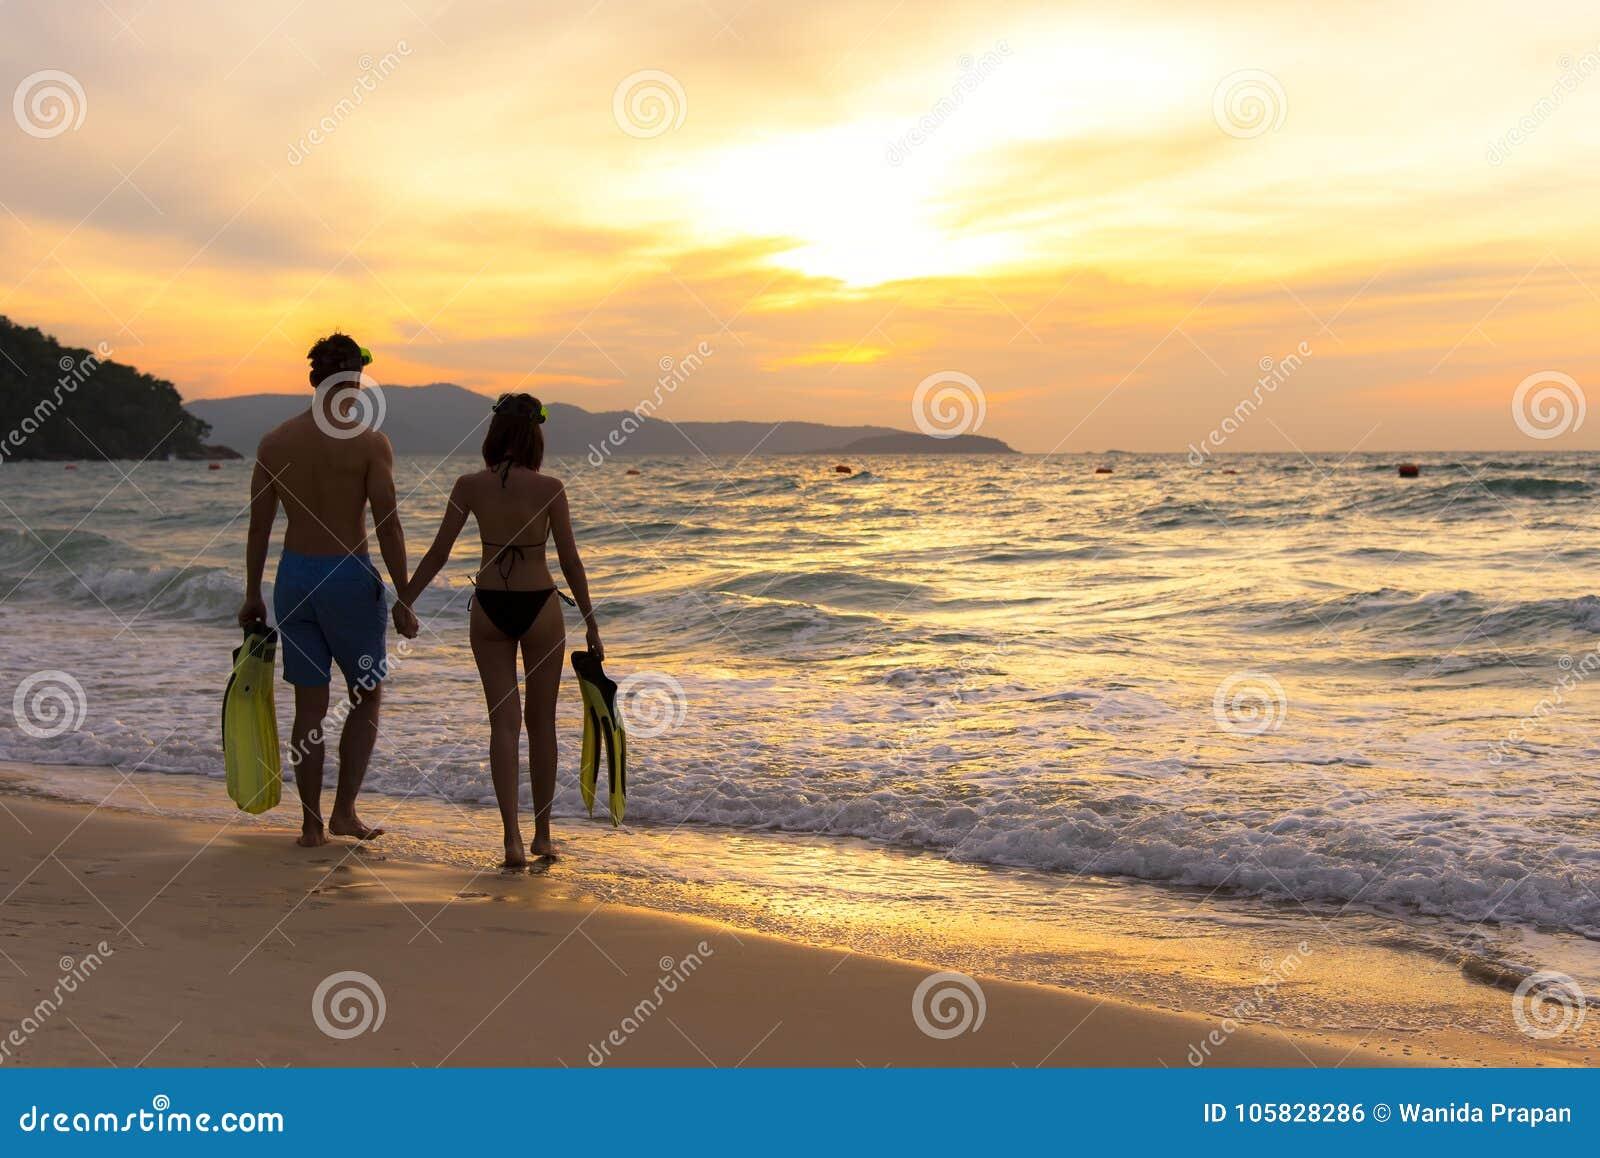 каникула территории лета katya krasnodar Пары идя держащ руки на тропическом на времени захода солнца пляжа в празднике после зап